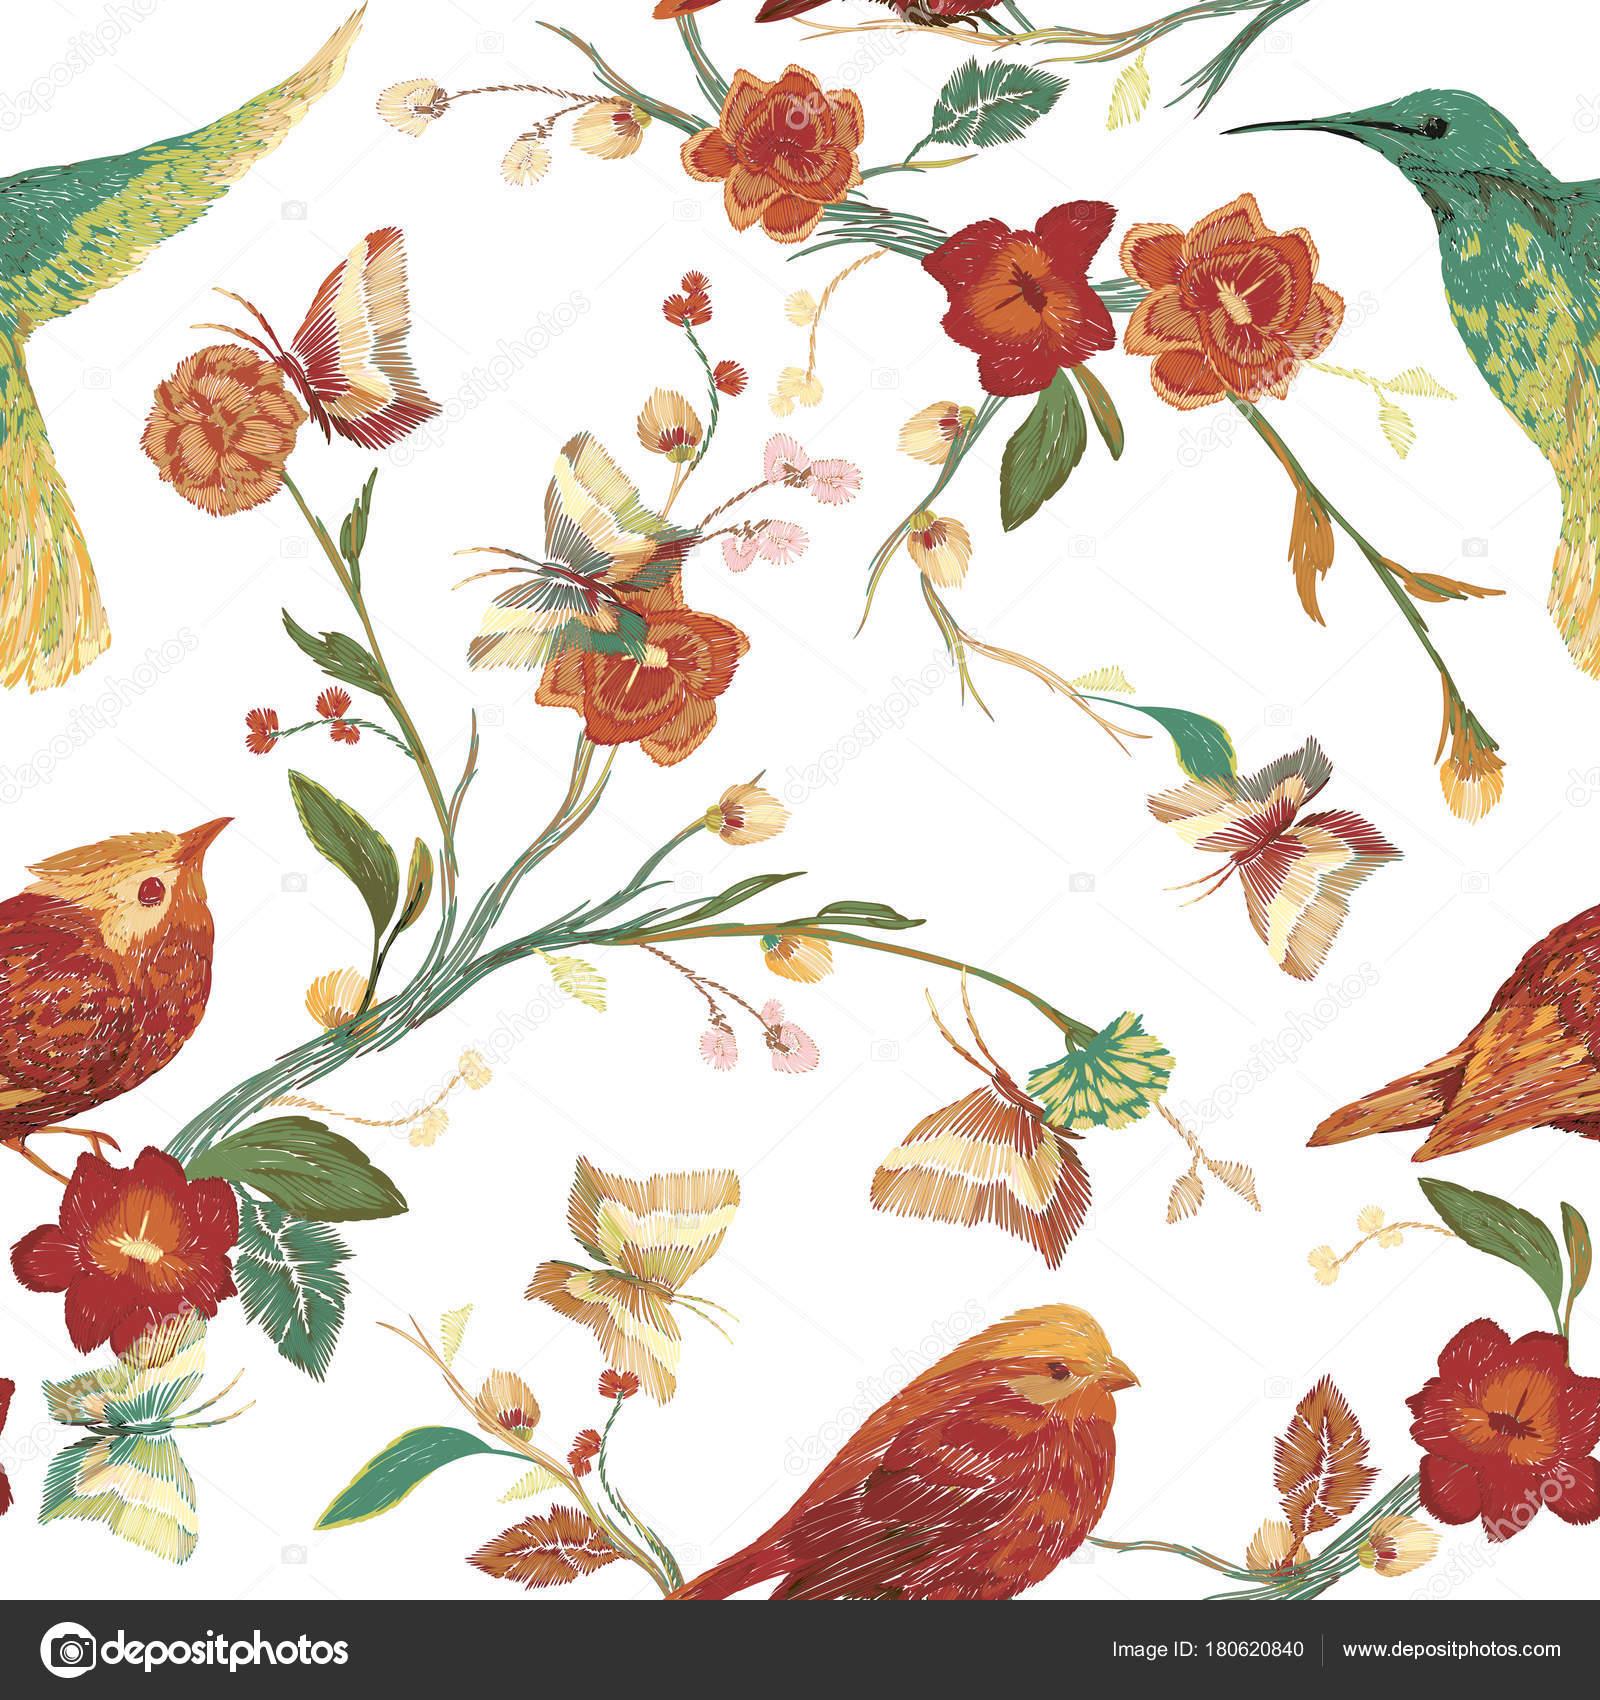 Vintage Patrones Sin Fisuras Pájaro Mariposa Flores Hojas Ramas ...